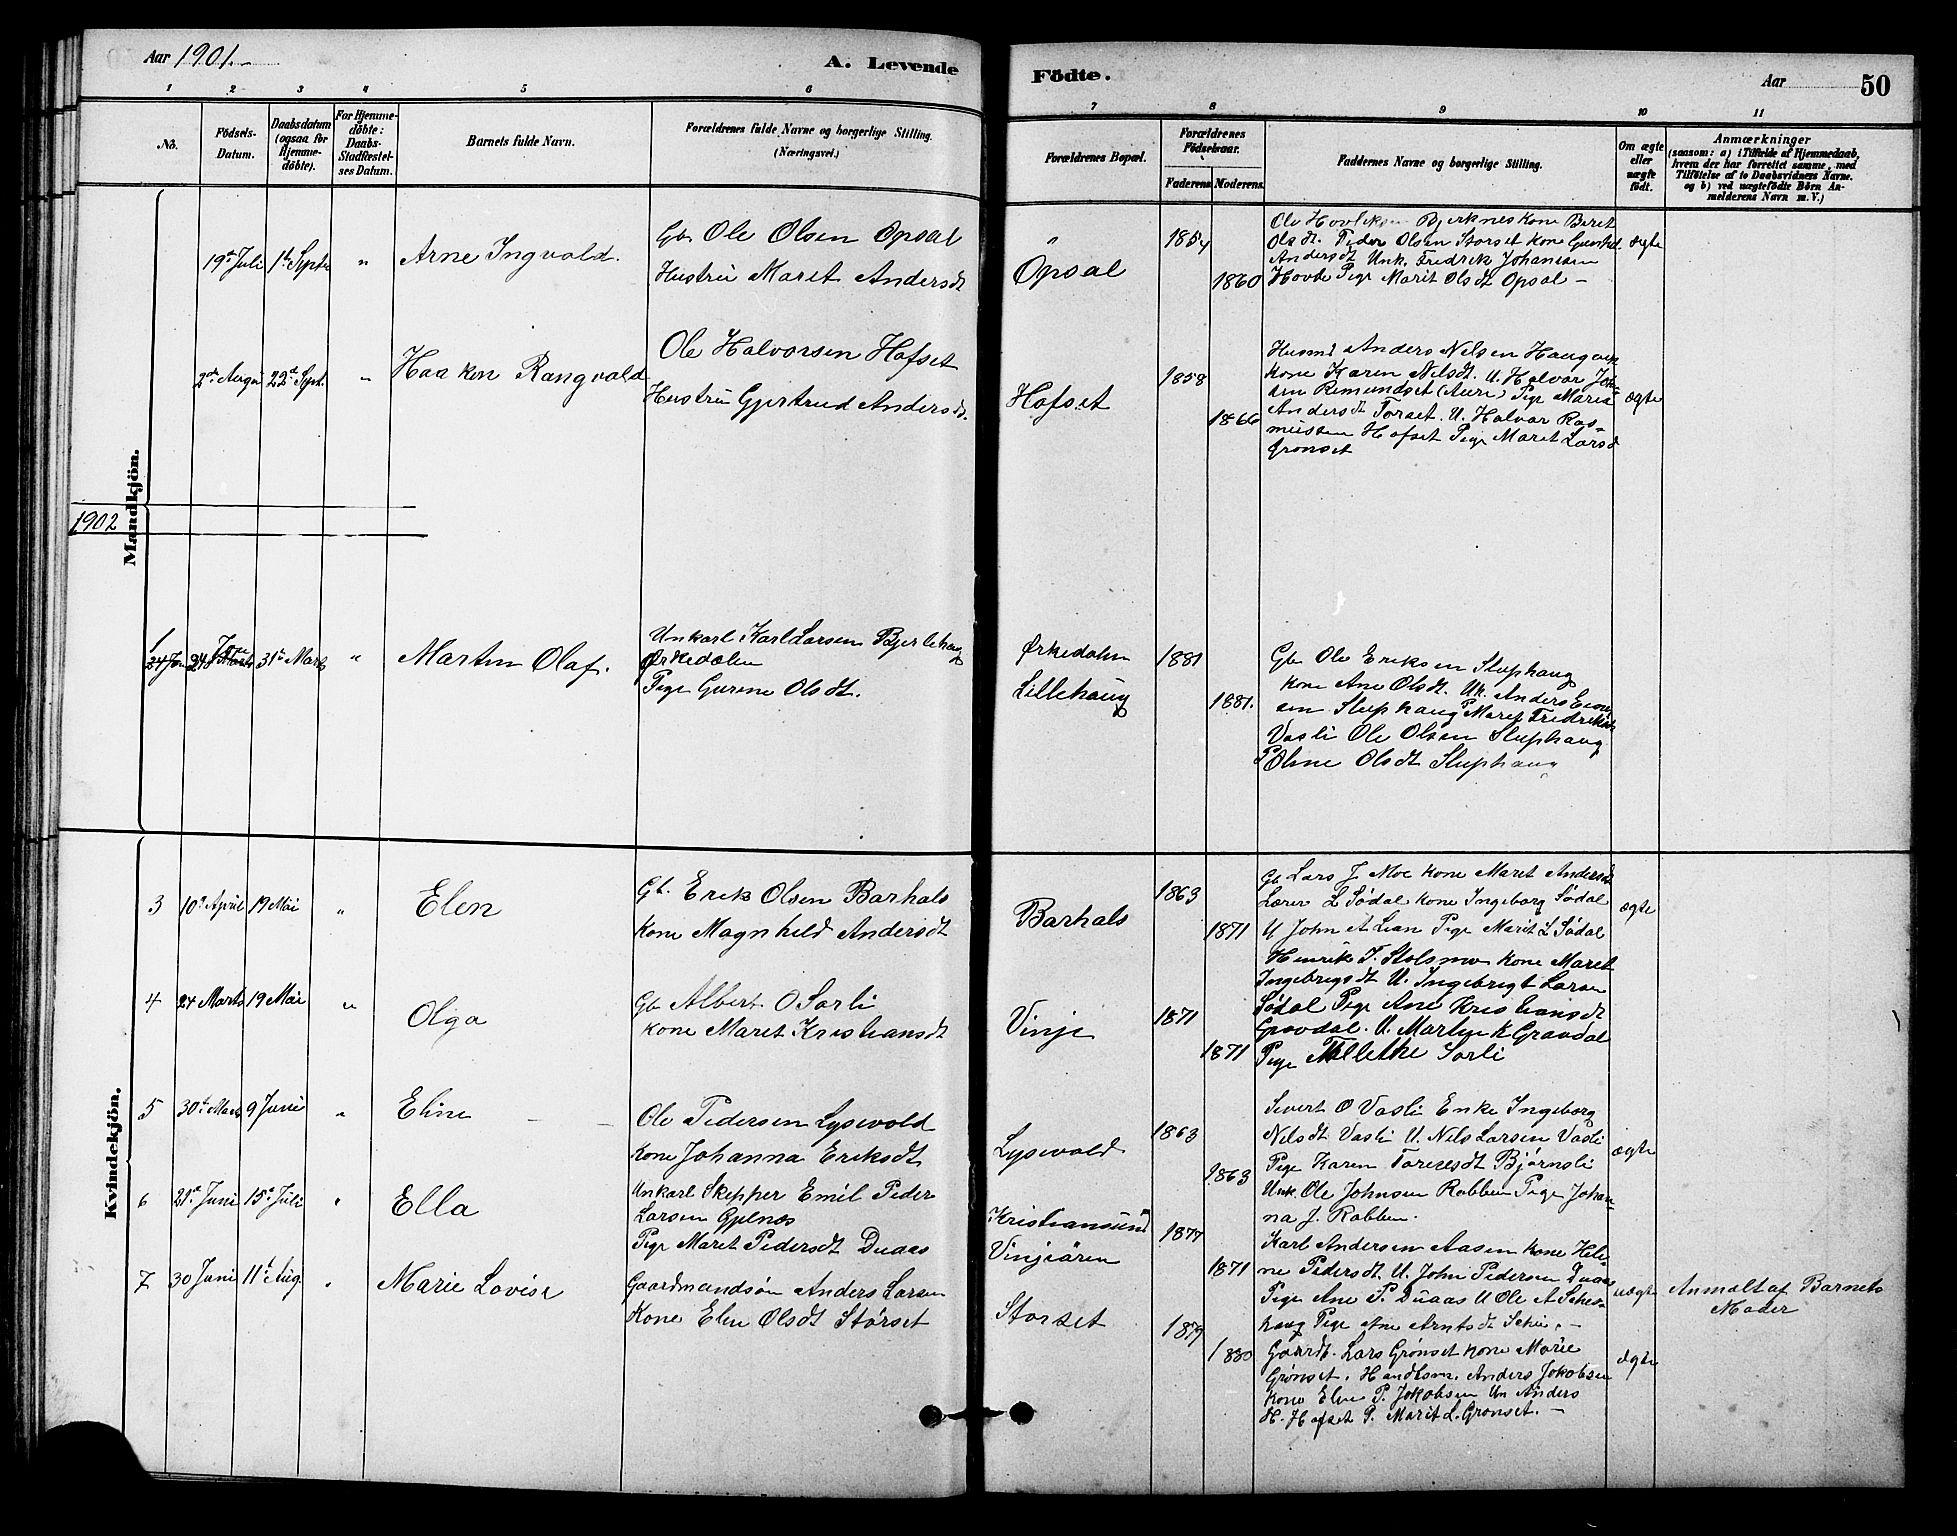 SAT, Ministerialprotokoller, klokkerbøker og fødselsregistre - Sør-Trøndelag, 631/L0514: Klokkerbok nr. 631C02, 1879-1912, s. 50